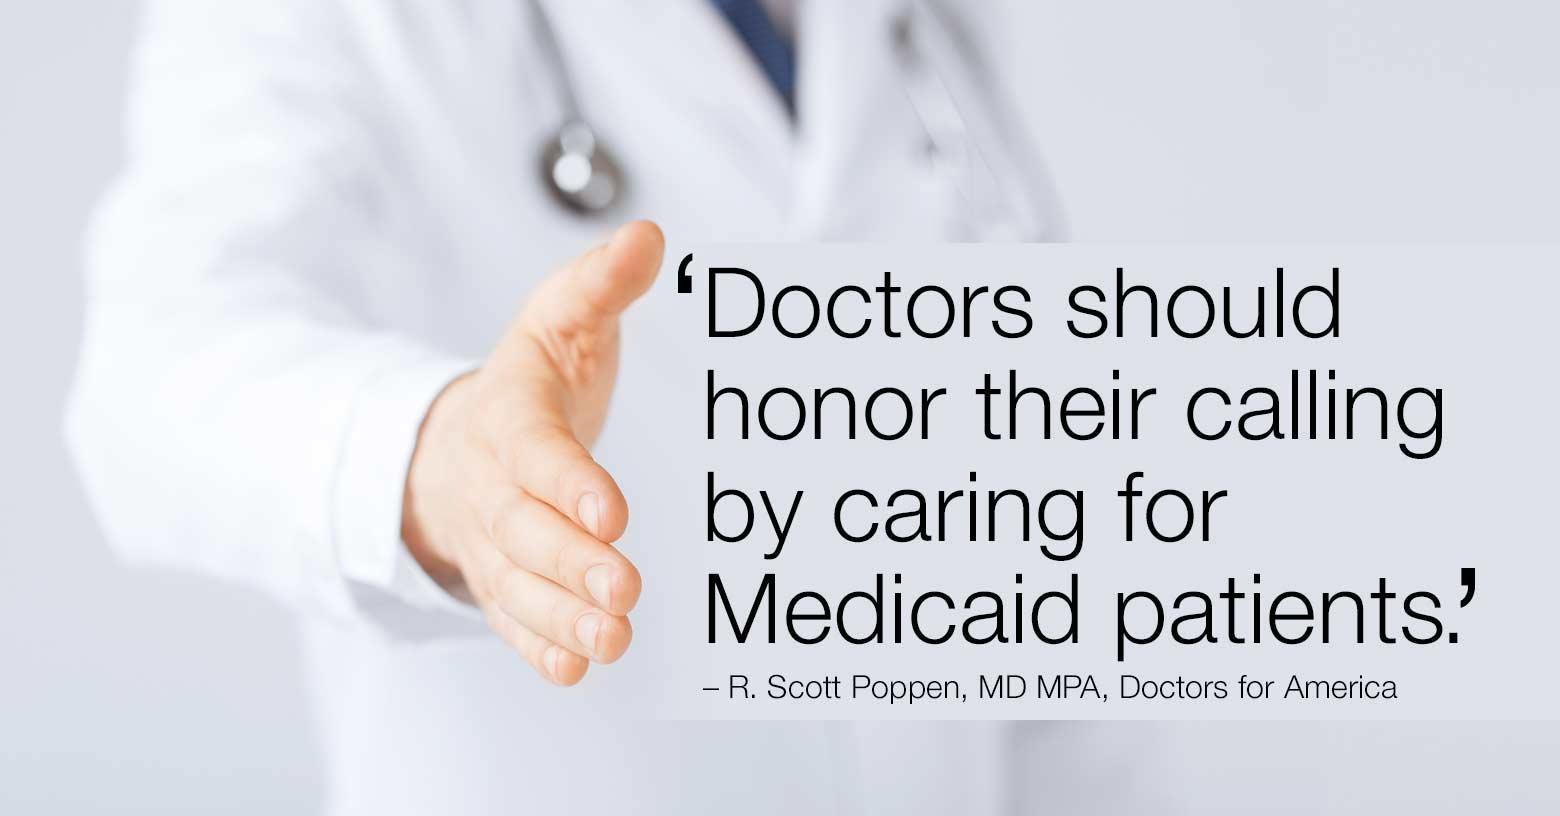 Medicaid patients deserve our care photo